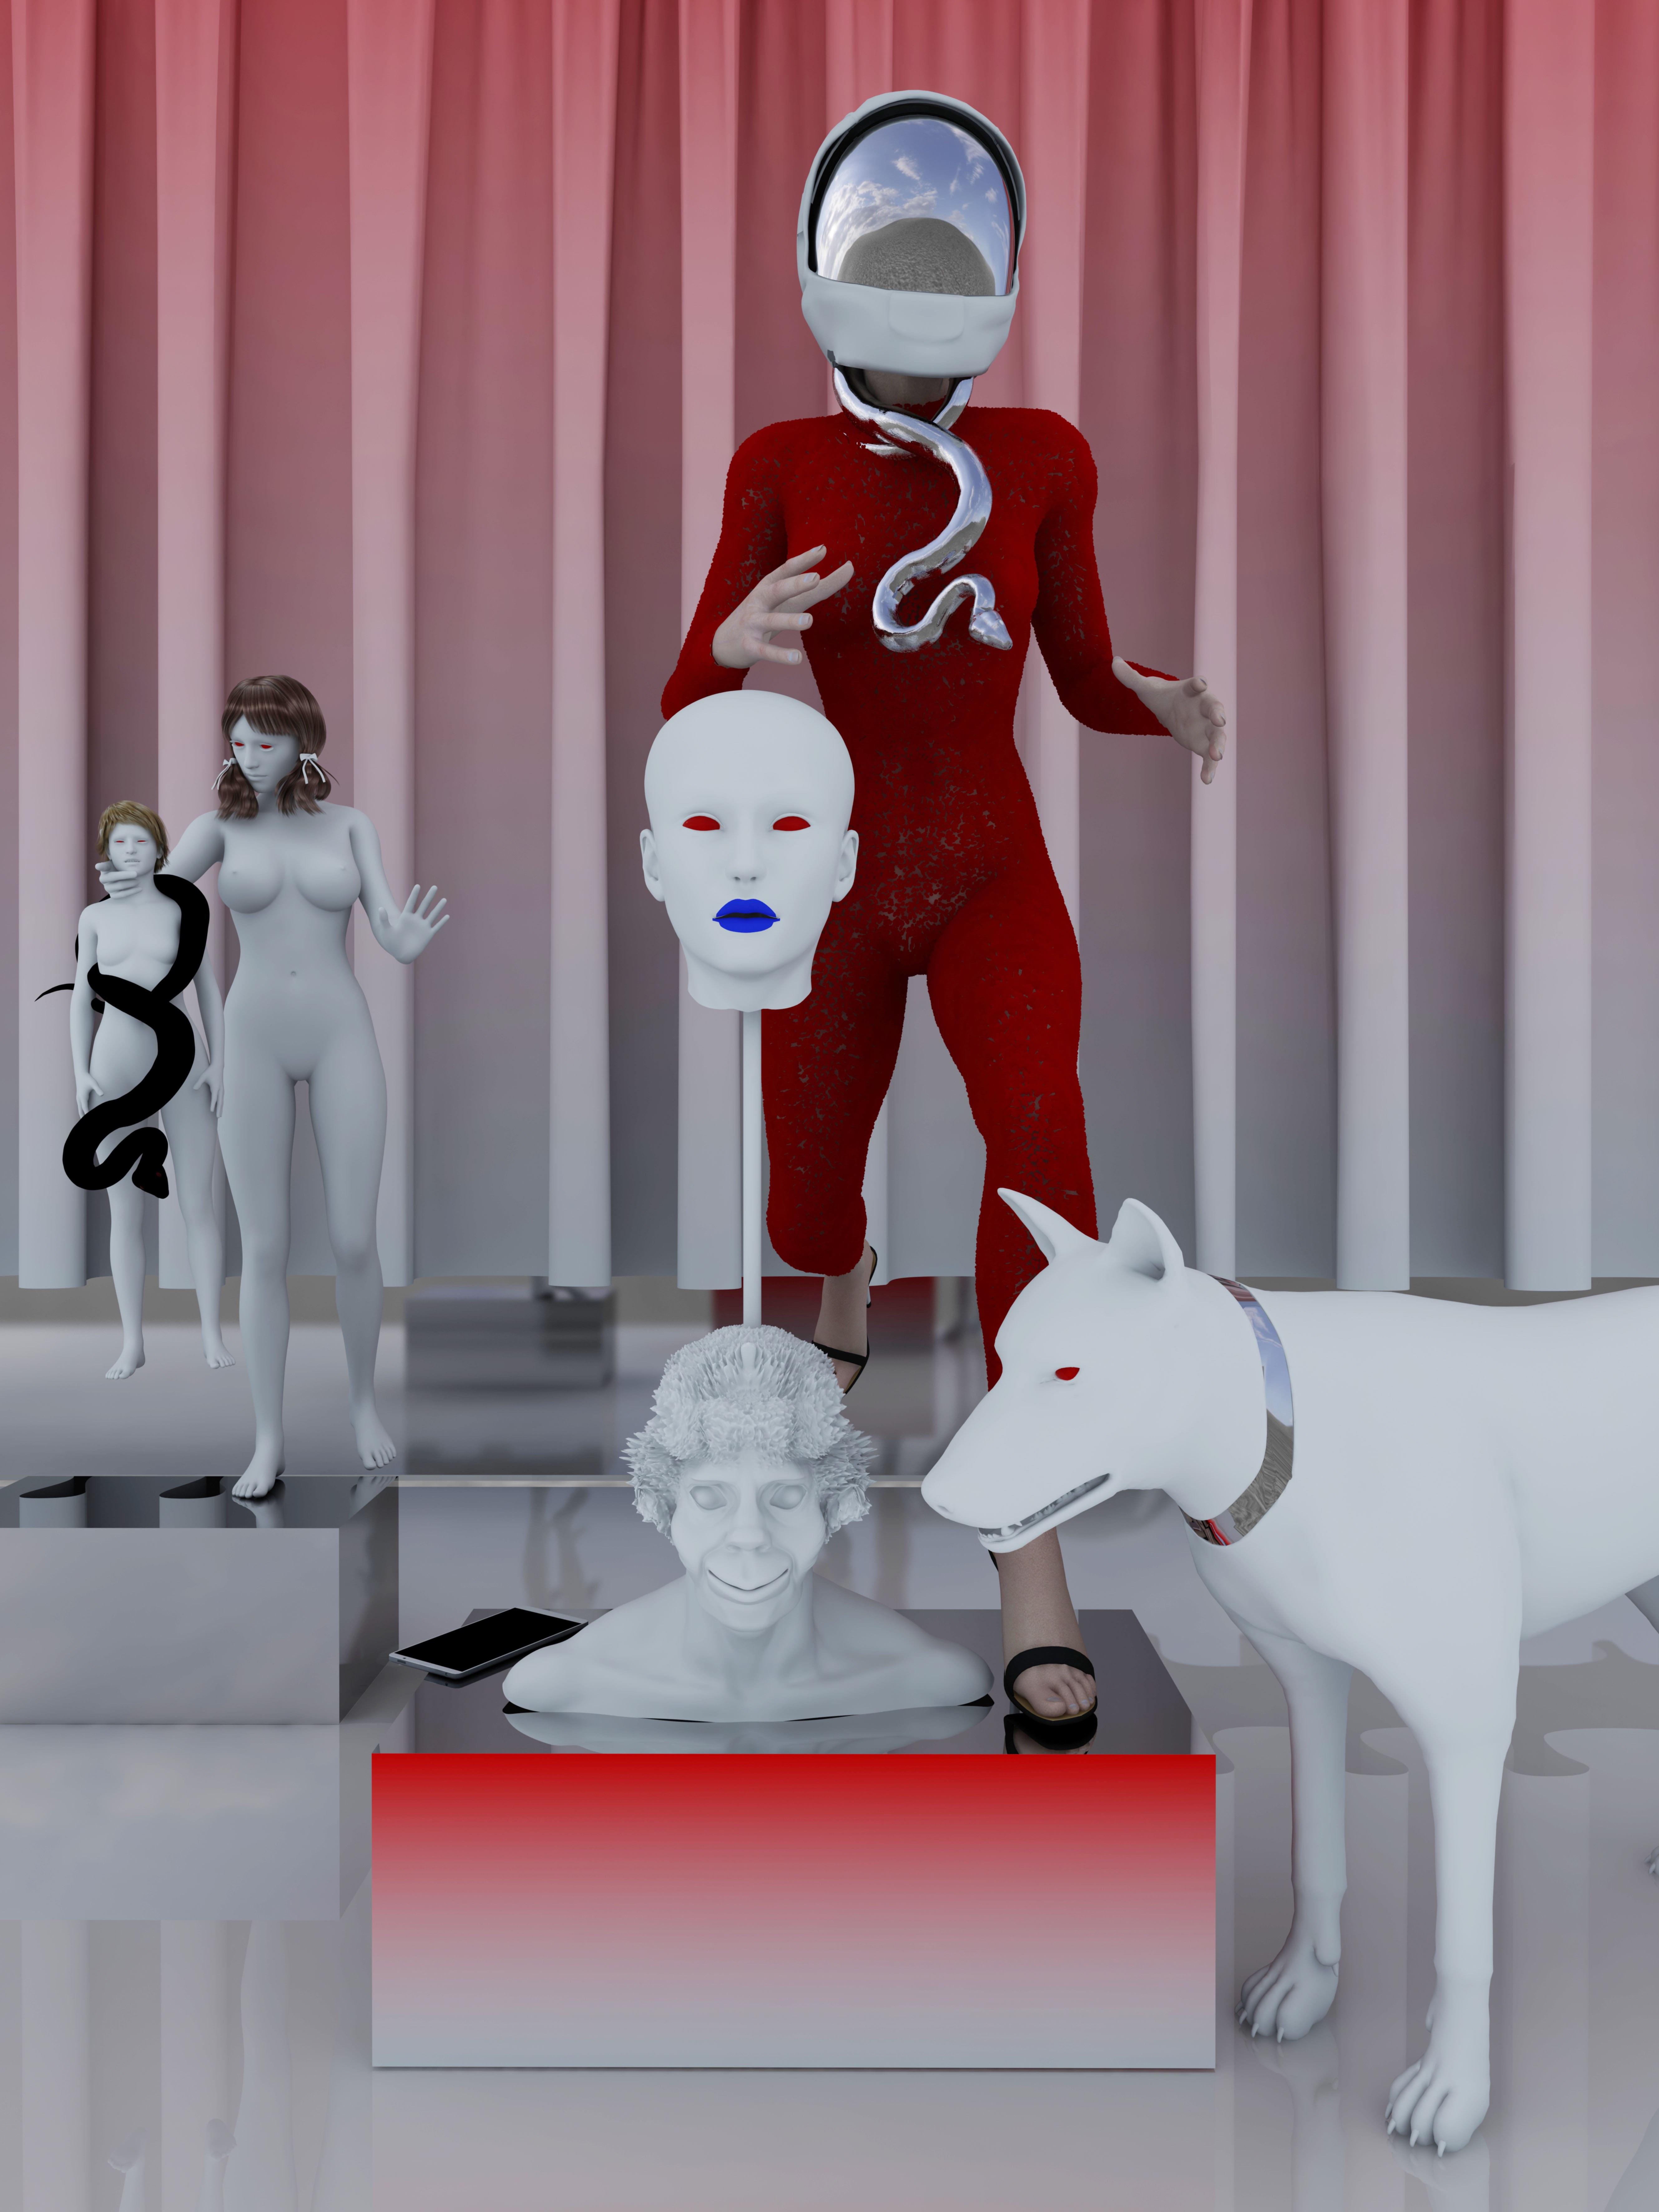 Whitedog, 2017